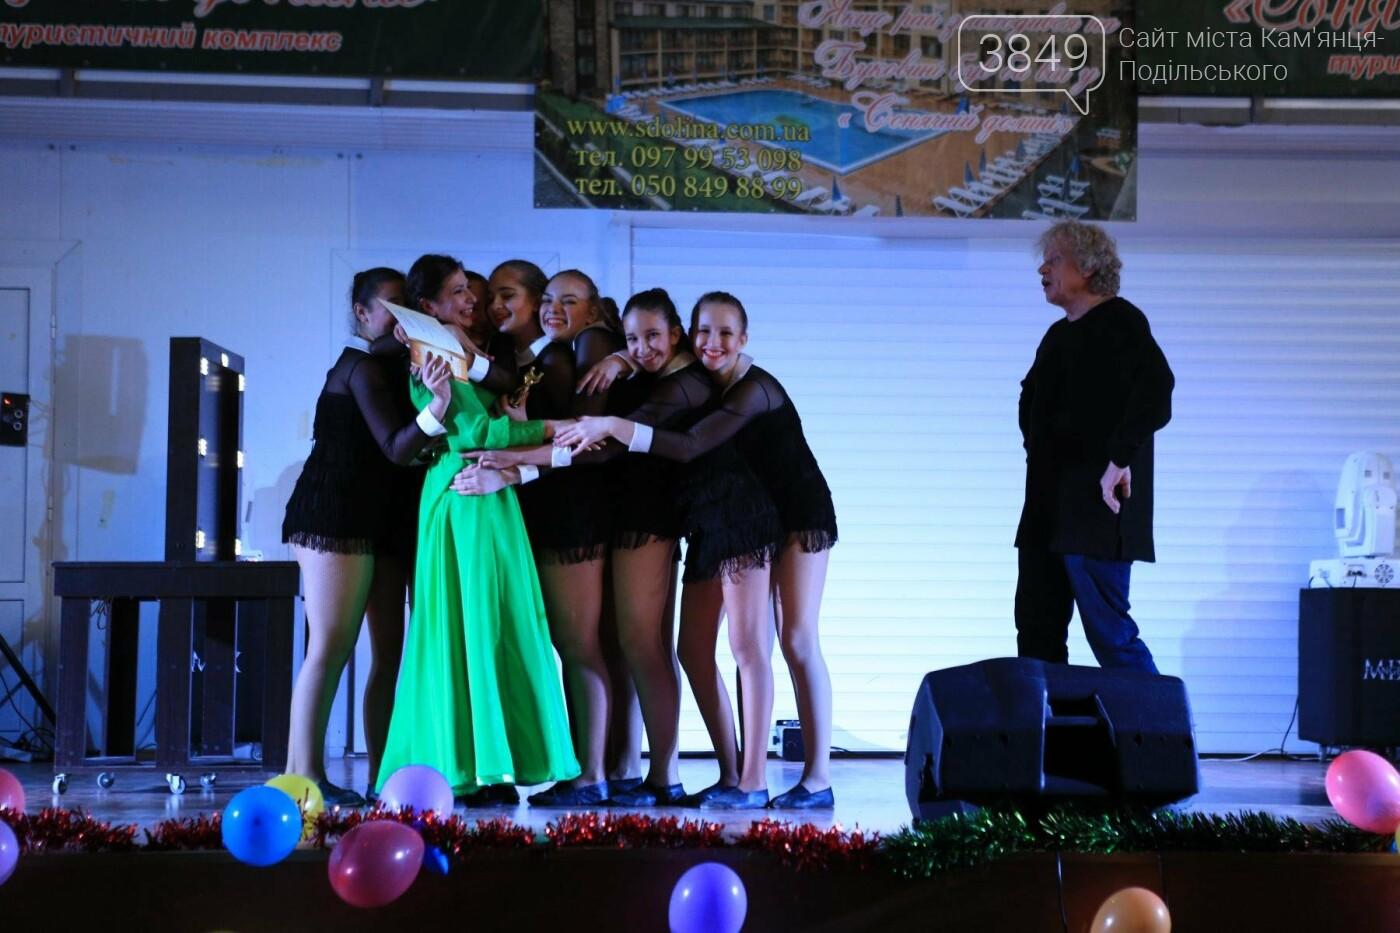 Танцювальний колектив із Кам'янця став лауреатом I премії на Міжнародному фестивалі, фото-4